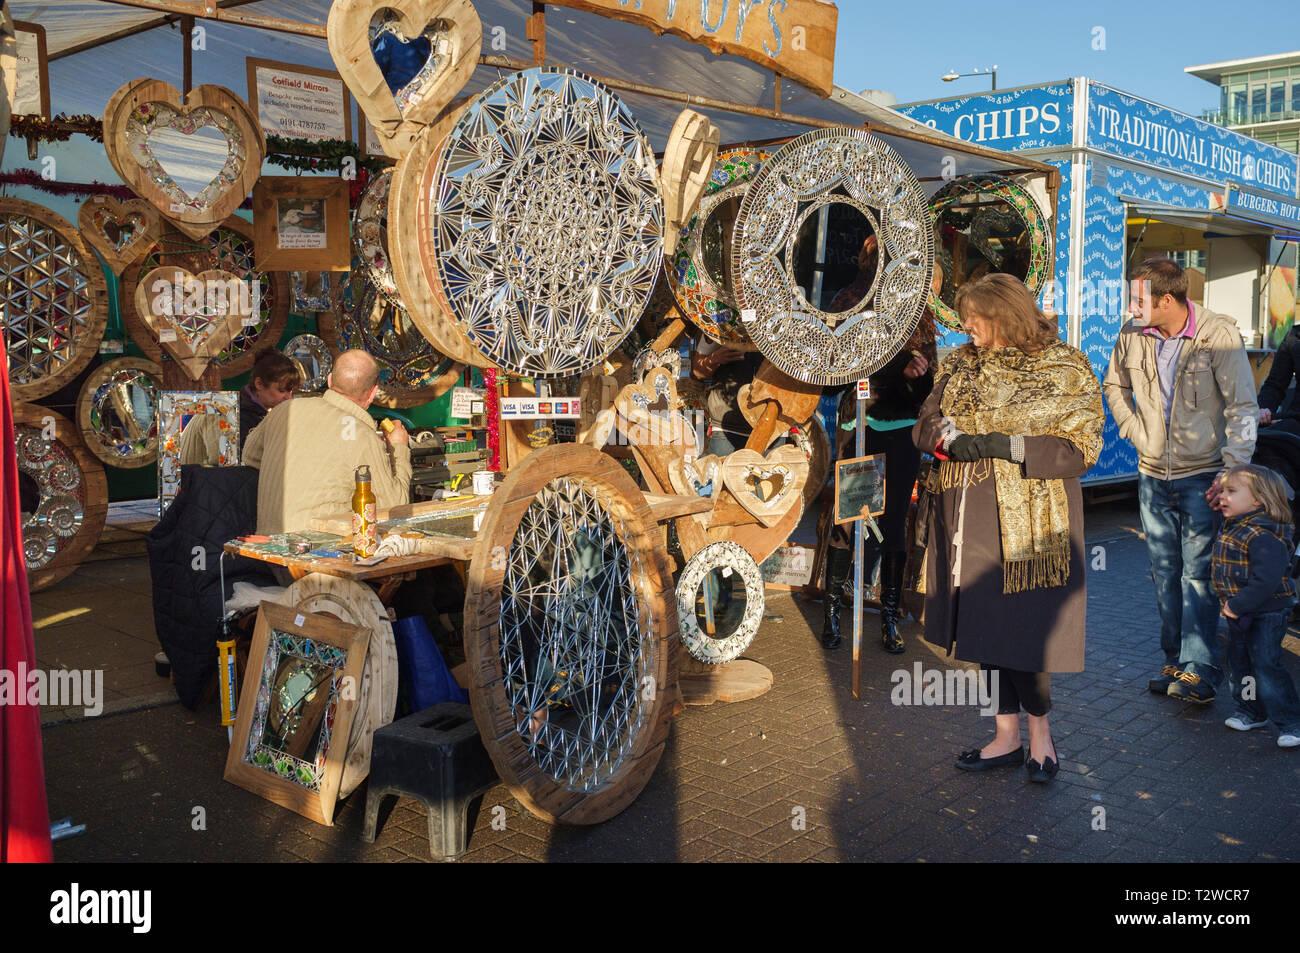 Käufer anzeigen Dekorative Spiegel und Glas auf Verkauf am Marktstand am Kai Sonntag Markt in Newcastle upon Tyne Stockbild